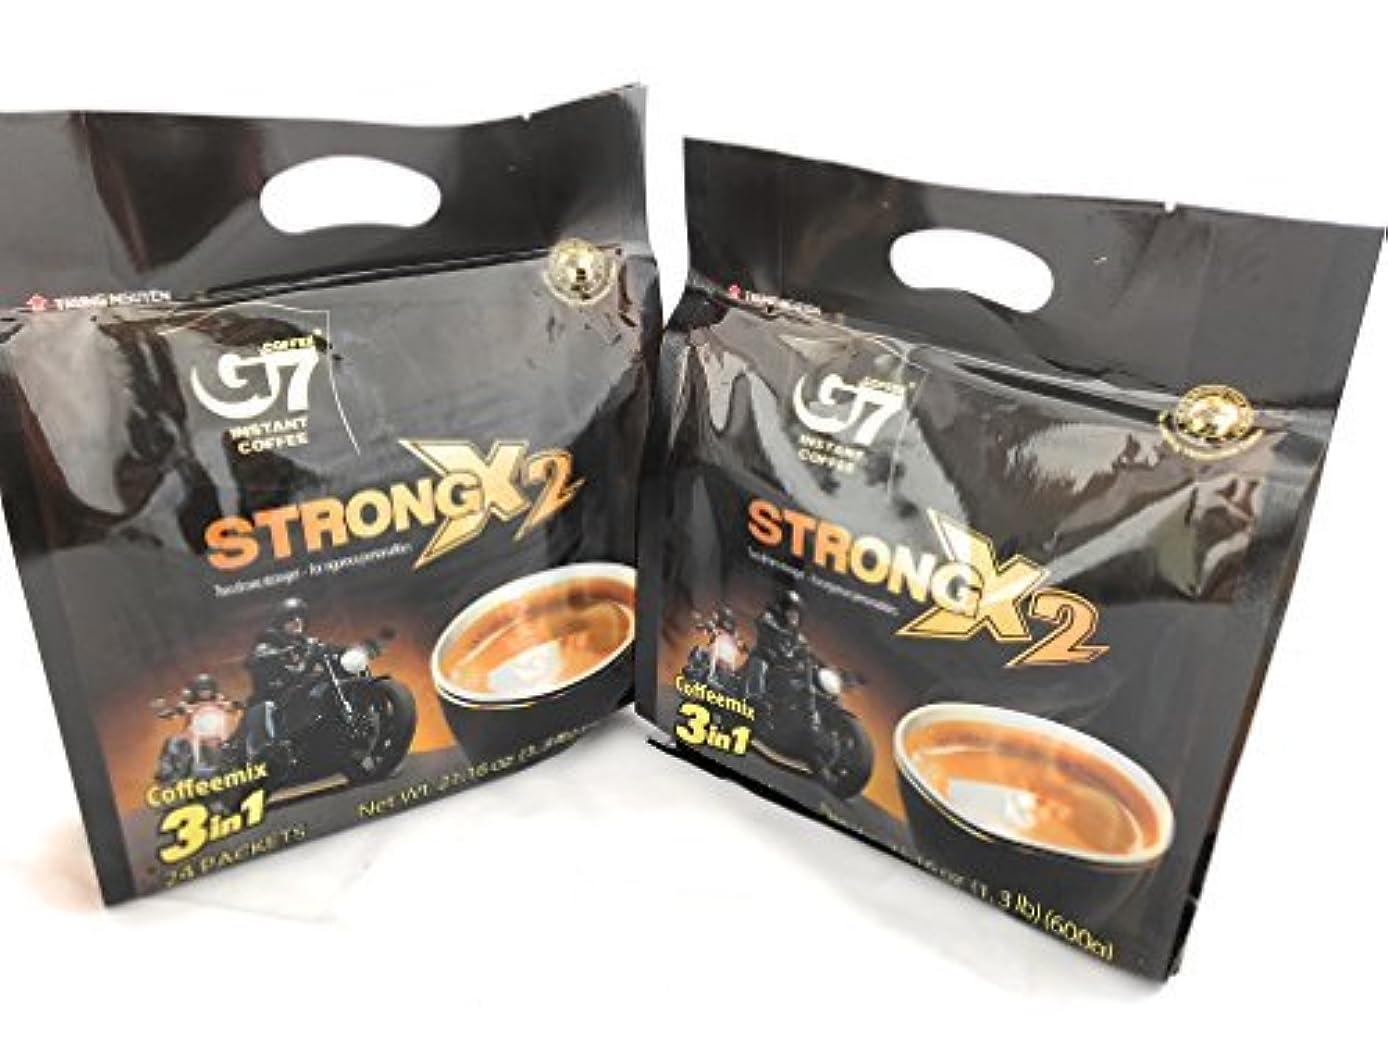 添加剤縫い目再編成するG7 STRONG 2X Vietnamese 3 in 1 Coffee 21.16oz(600g) 24 Sticks (Pack of 2) [並行輸入品]